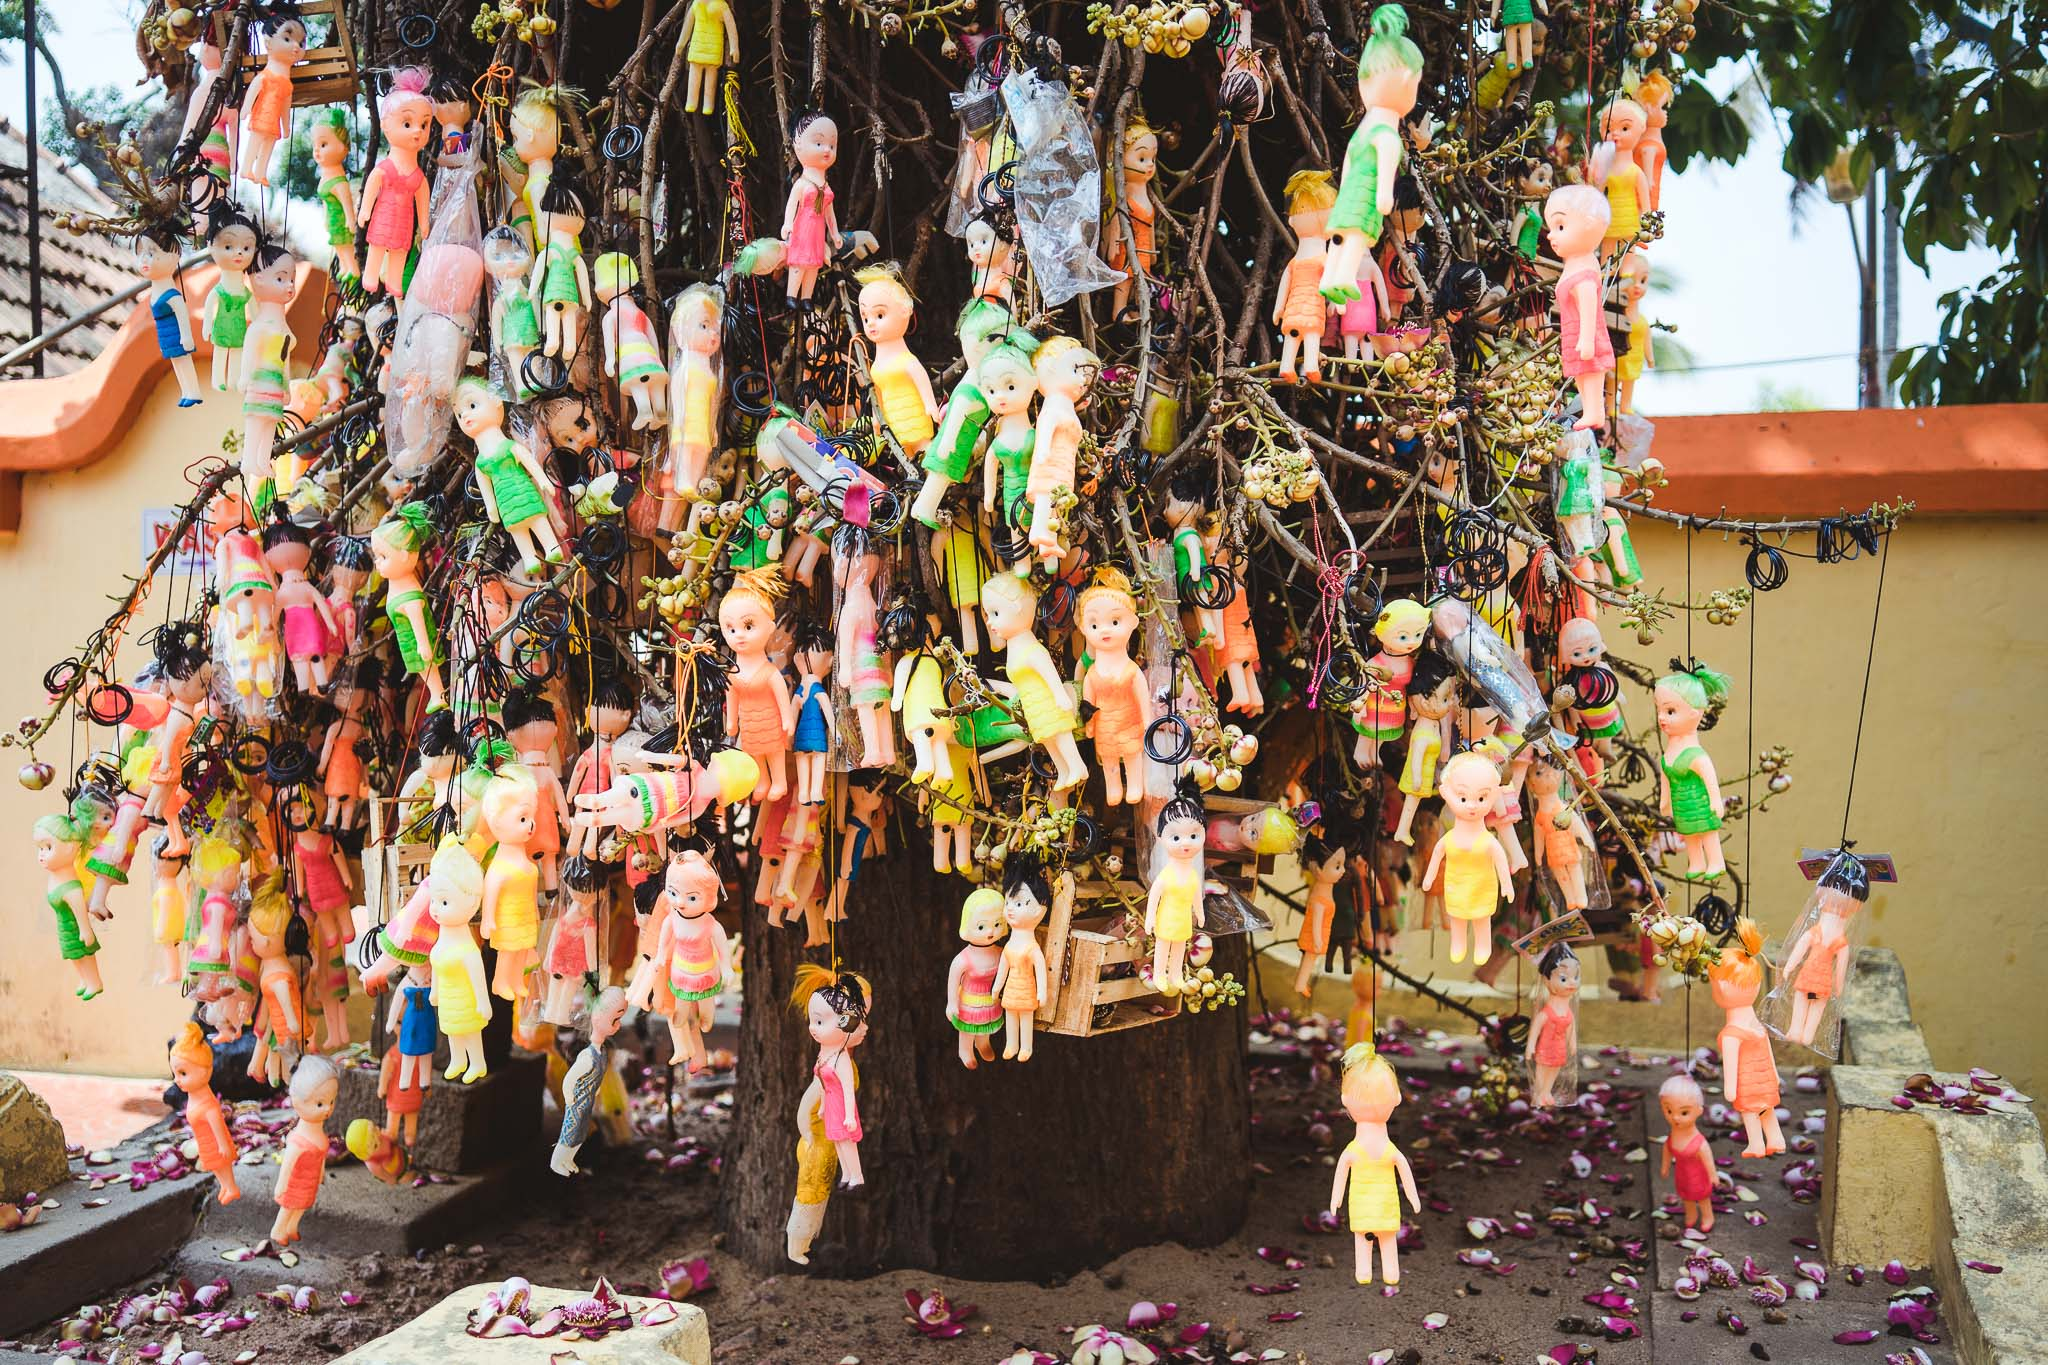 osobliwe drzewo tuż przy świątyni, Varkala, Kerala, India